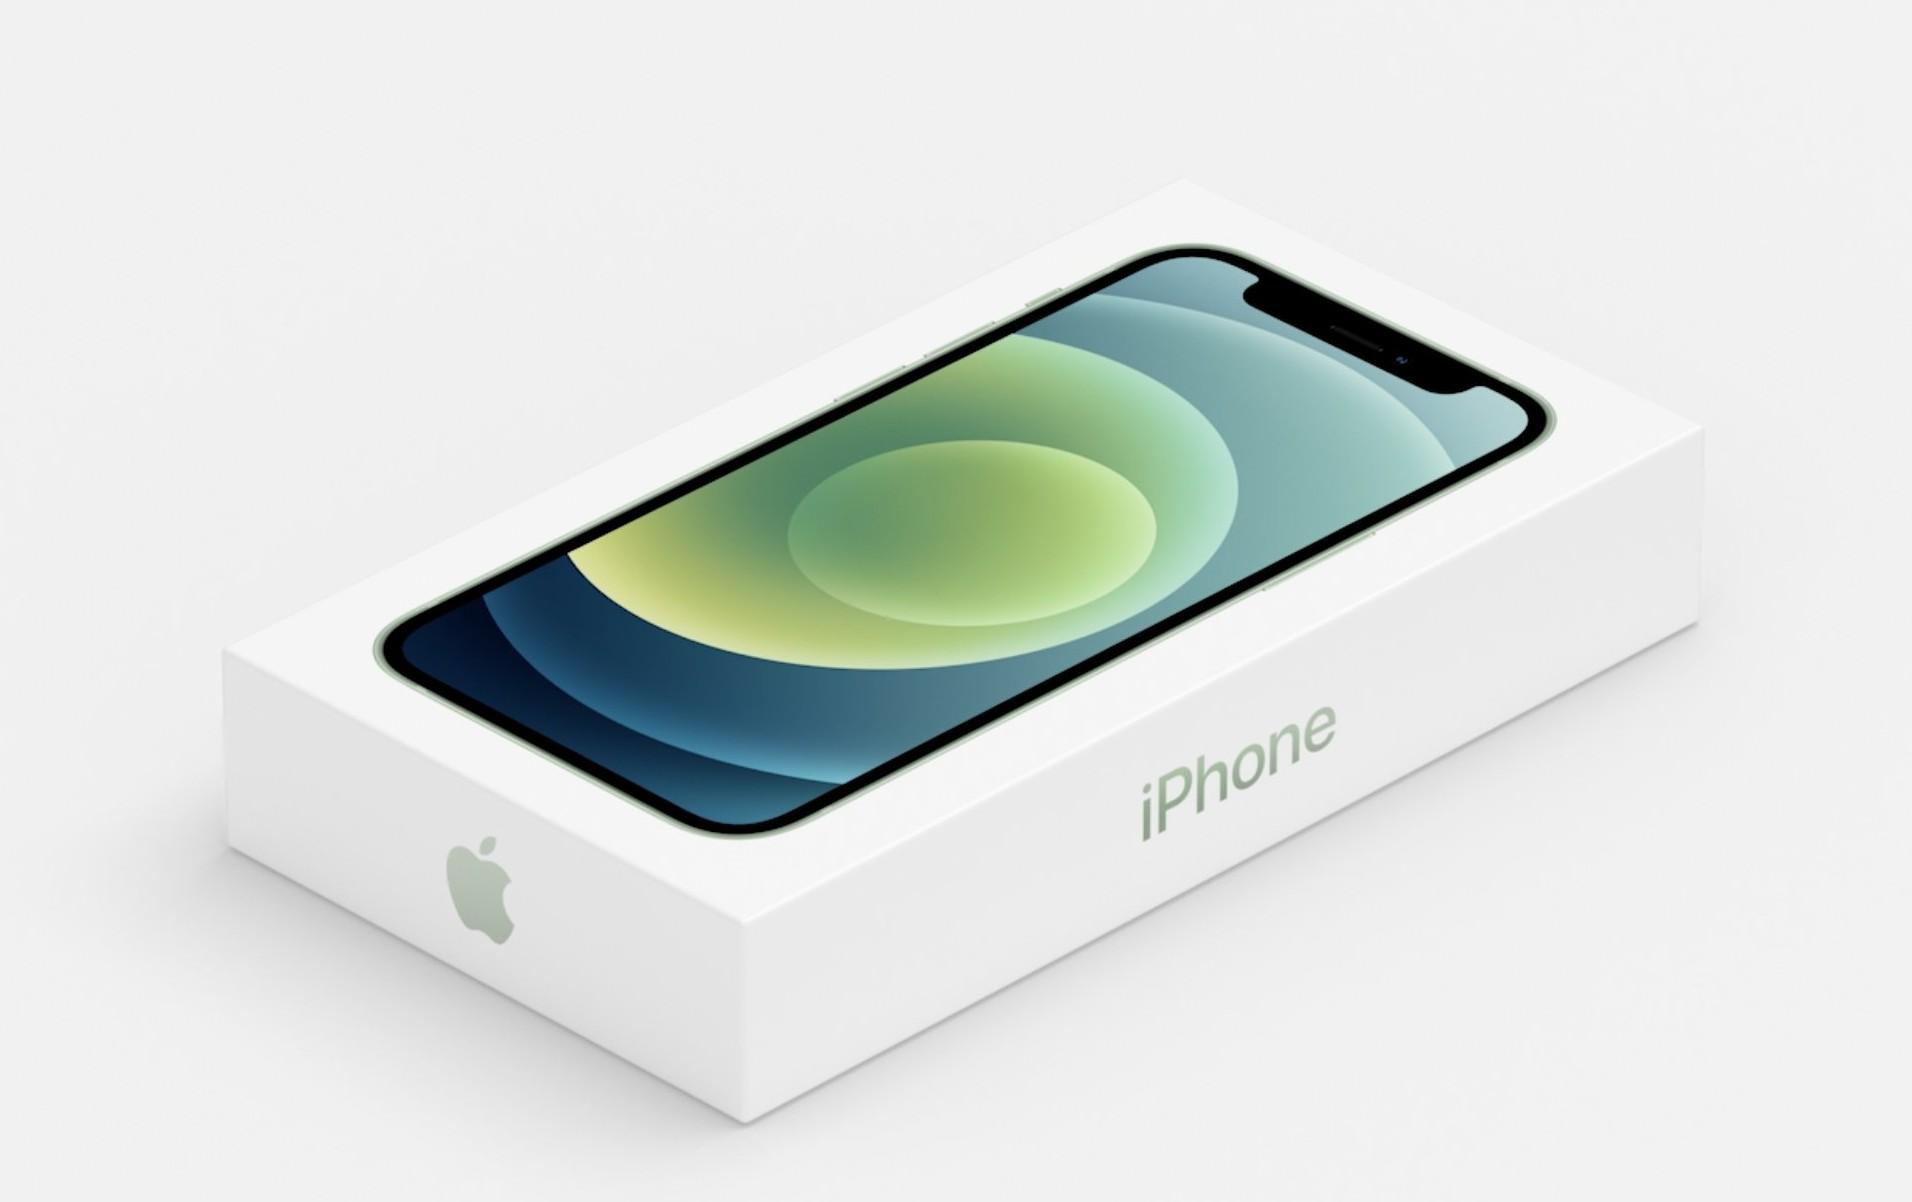 cara mendapatkan iPhone 12 Pro Max Gratis